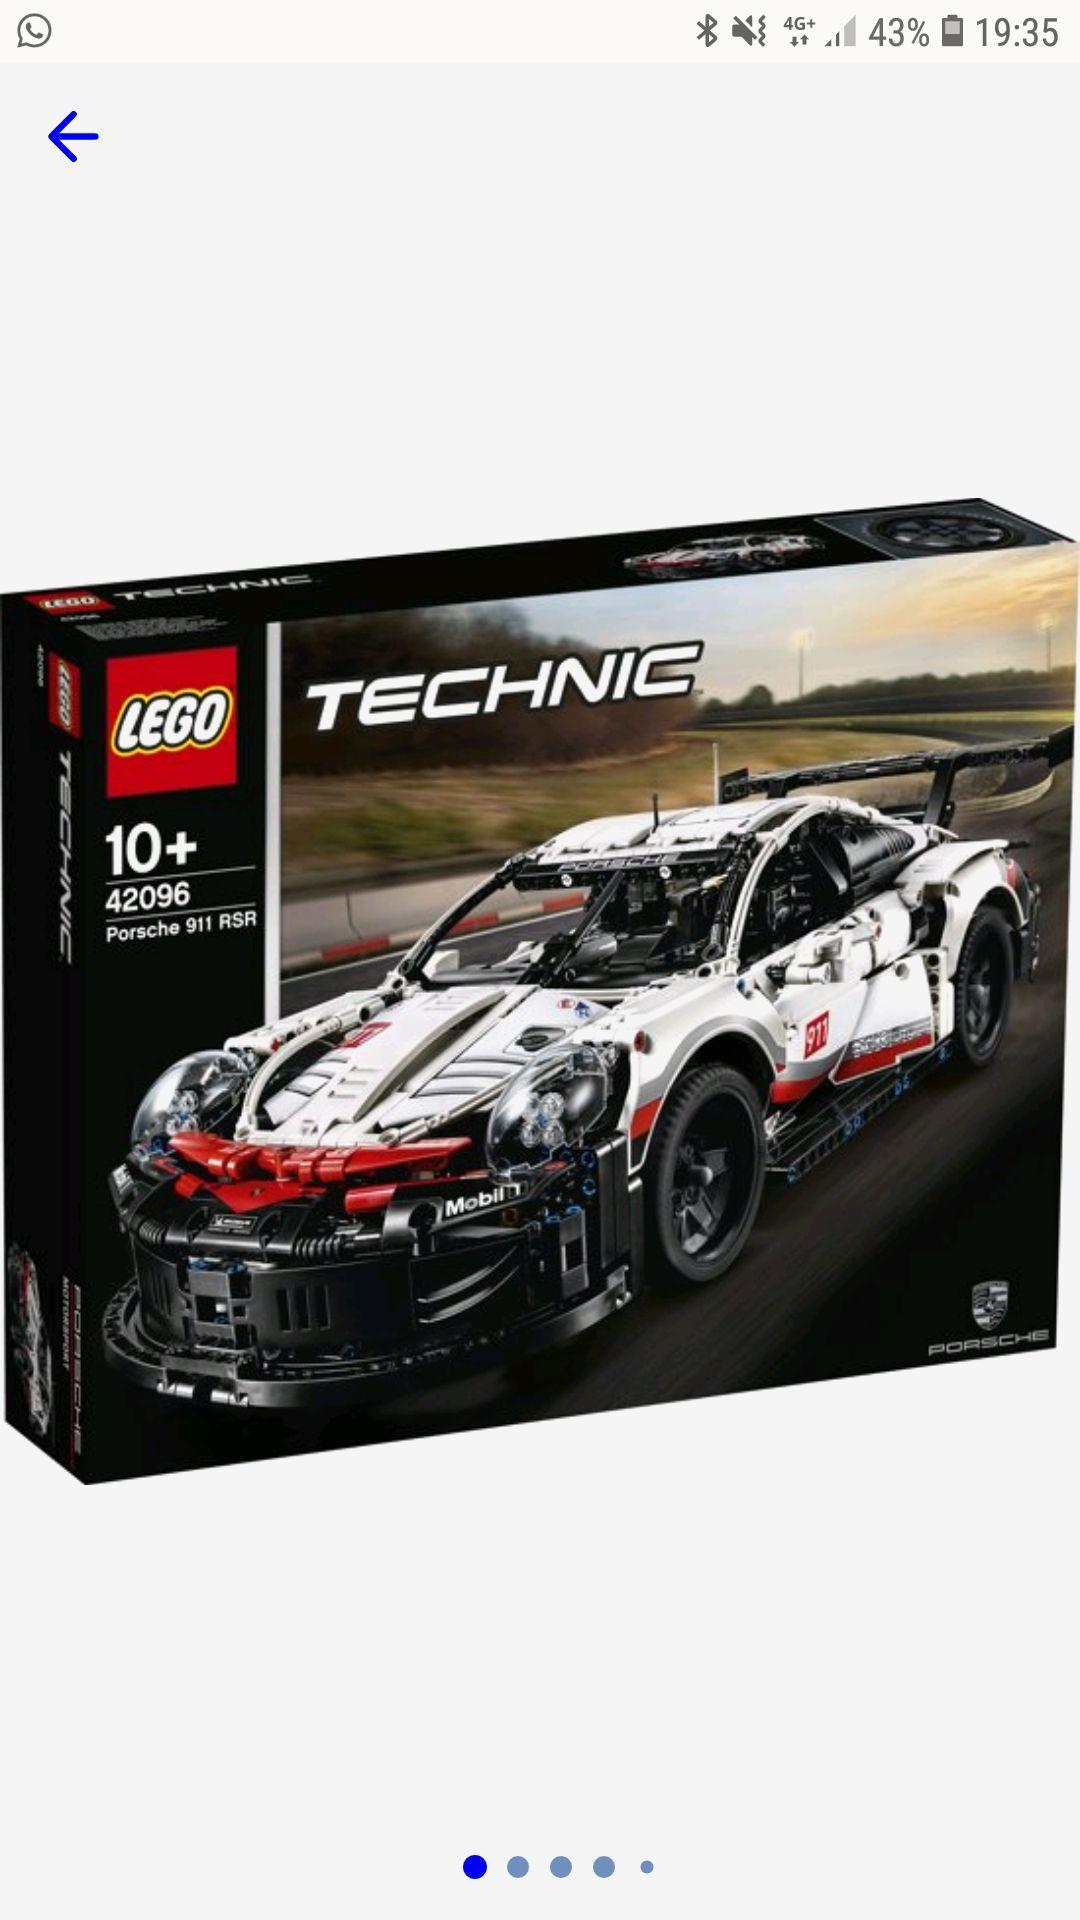 Lego 42096 porsche rsr